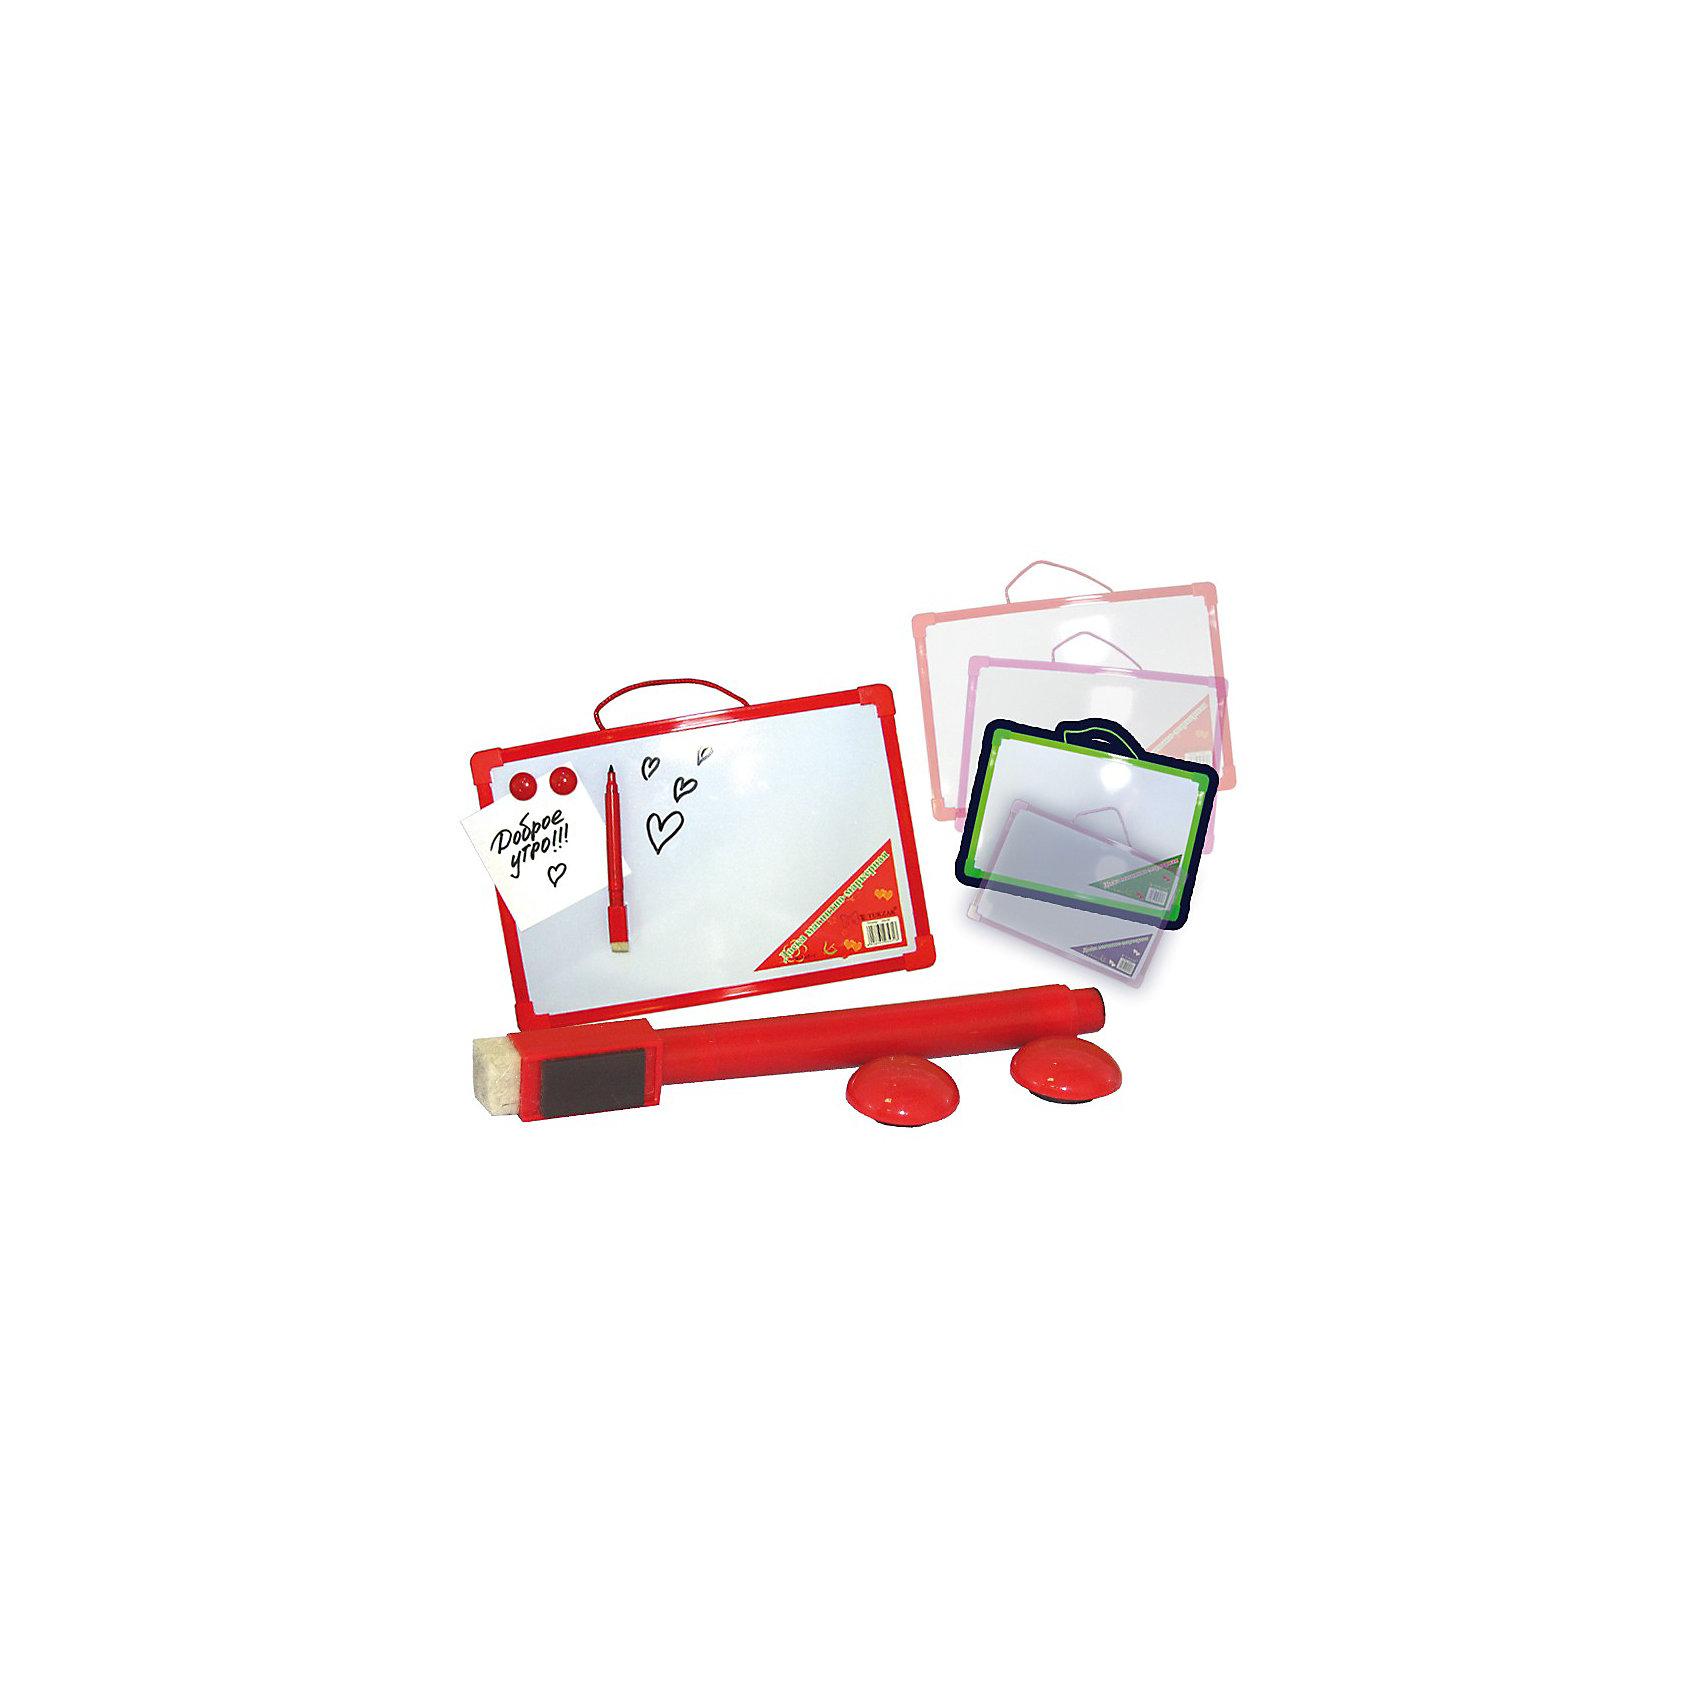 TUKZAR TUKZAR Доска магнитно-маркерная (25*35 см), в ассортименте доска магнитно маркерная hebel 100х200см 6305884